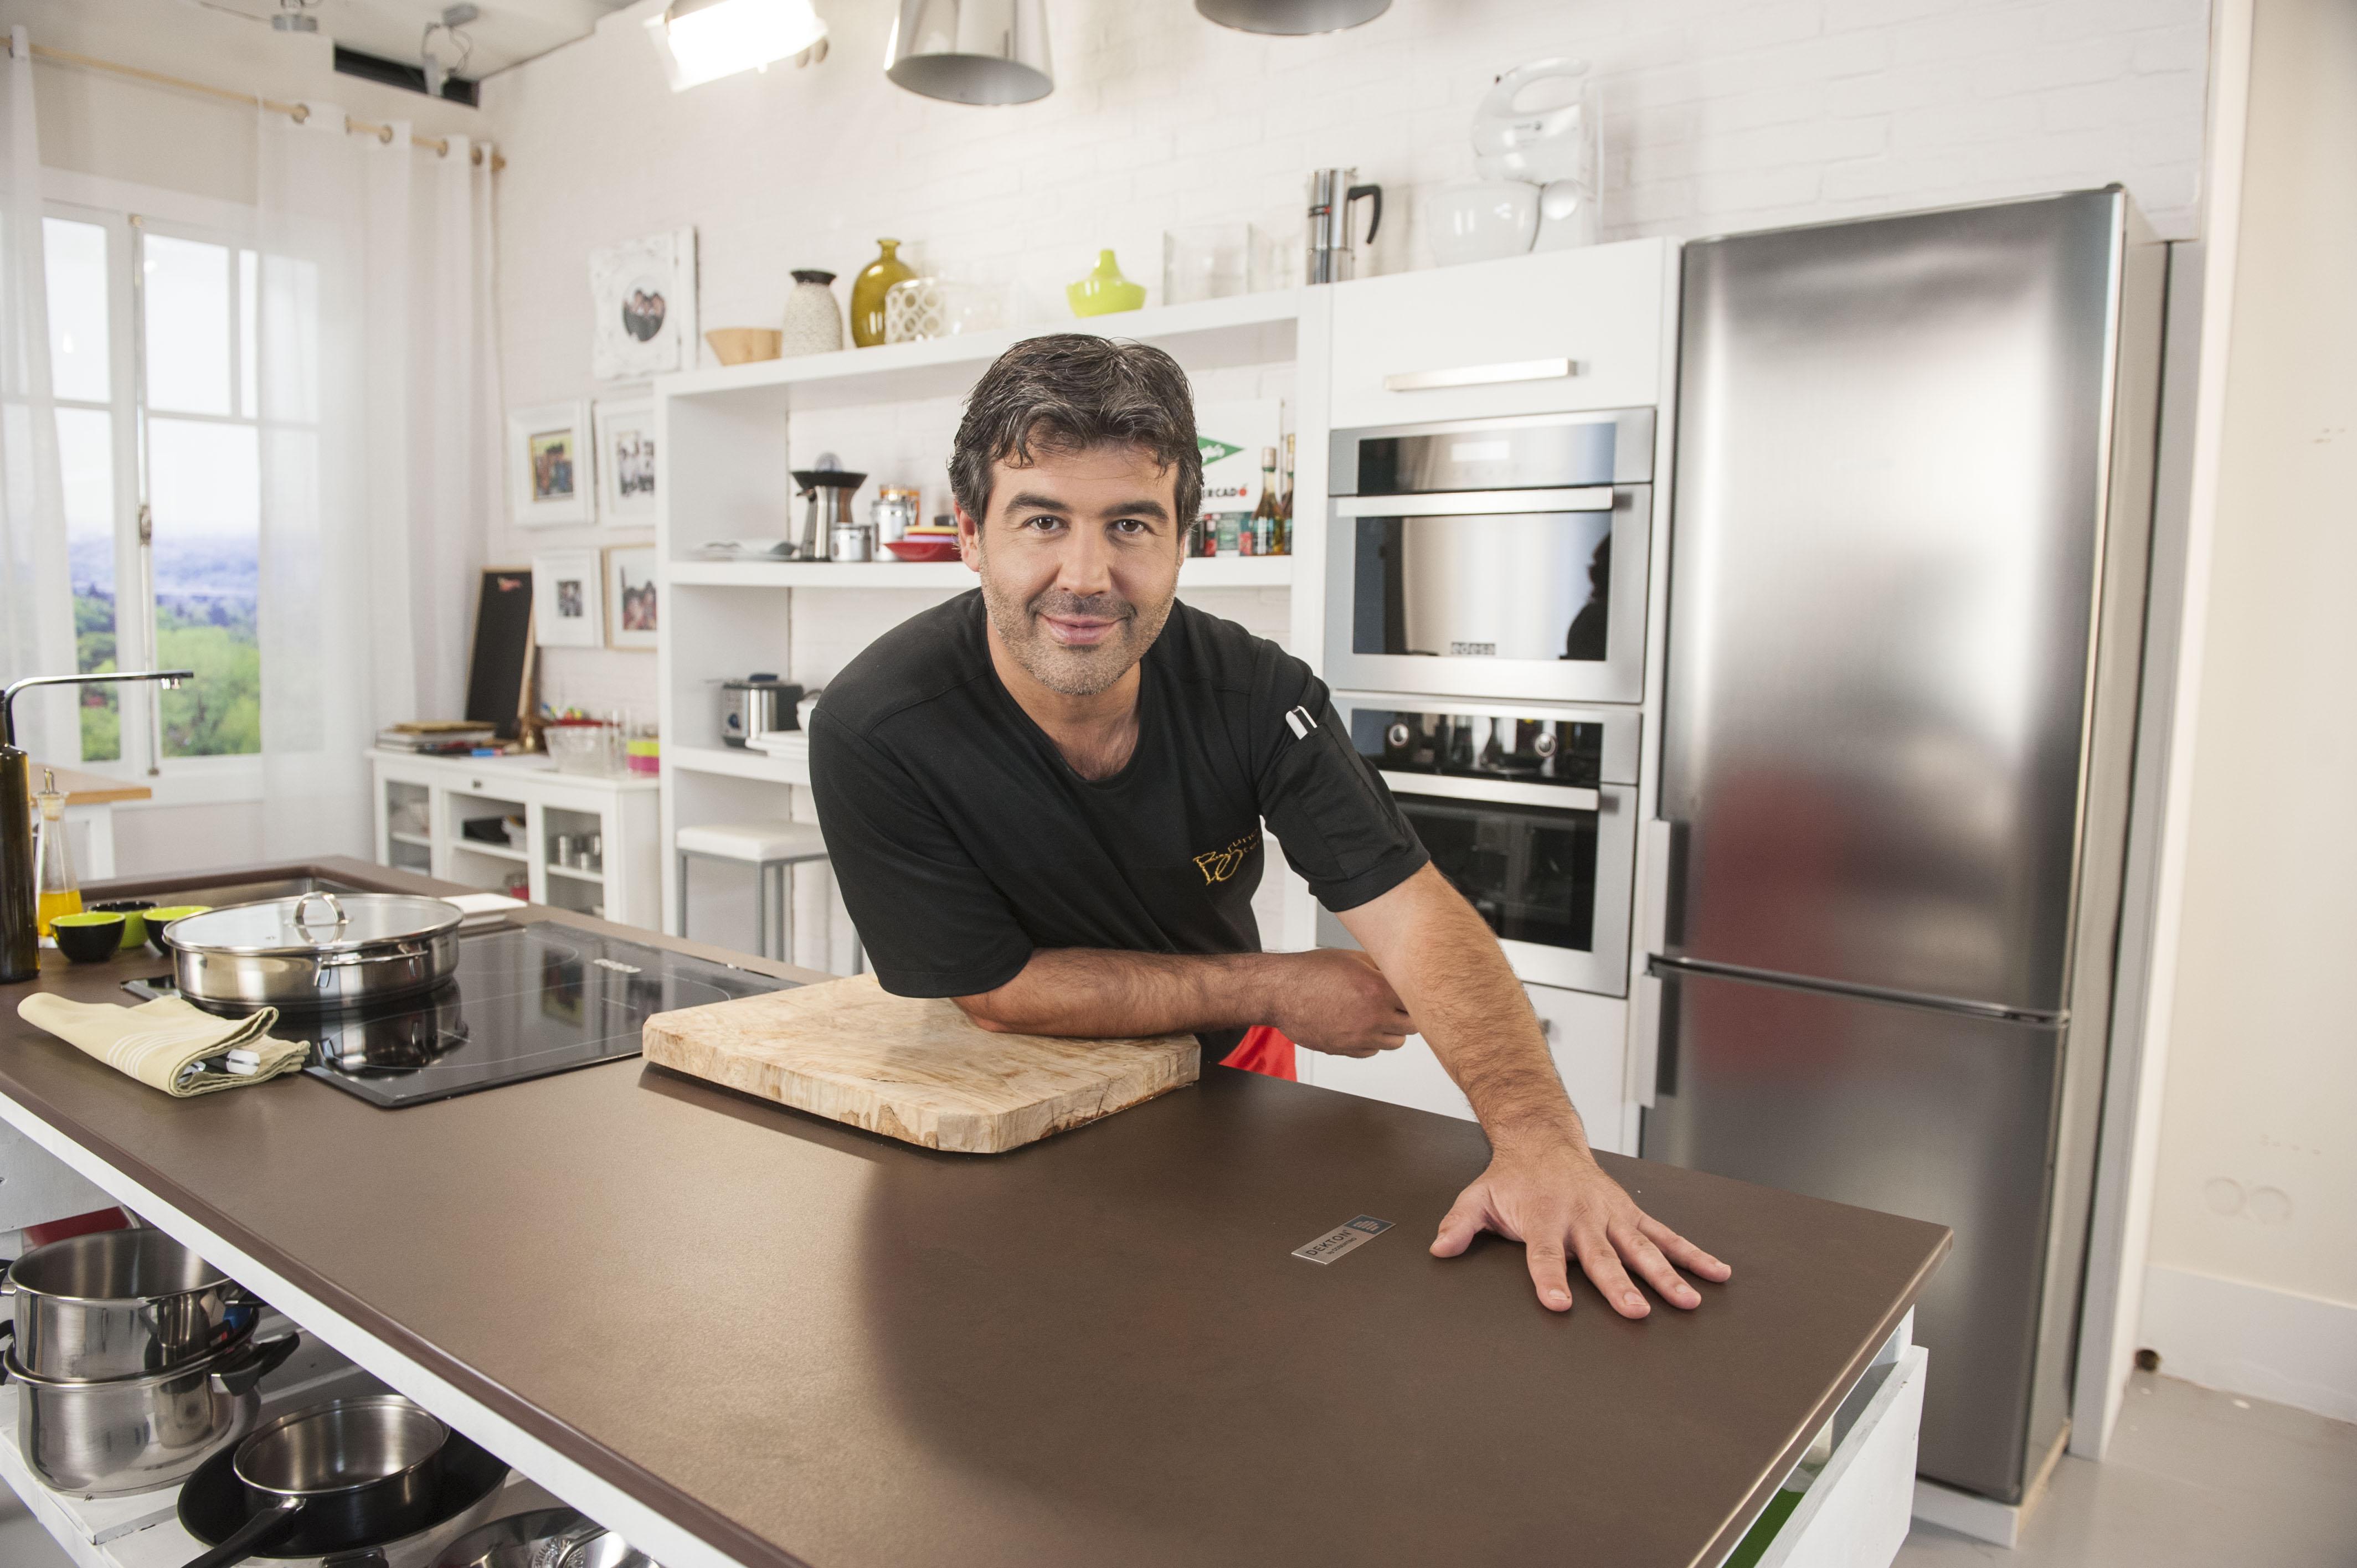 cocina con bruno ventas internacionales atresmedia